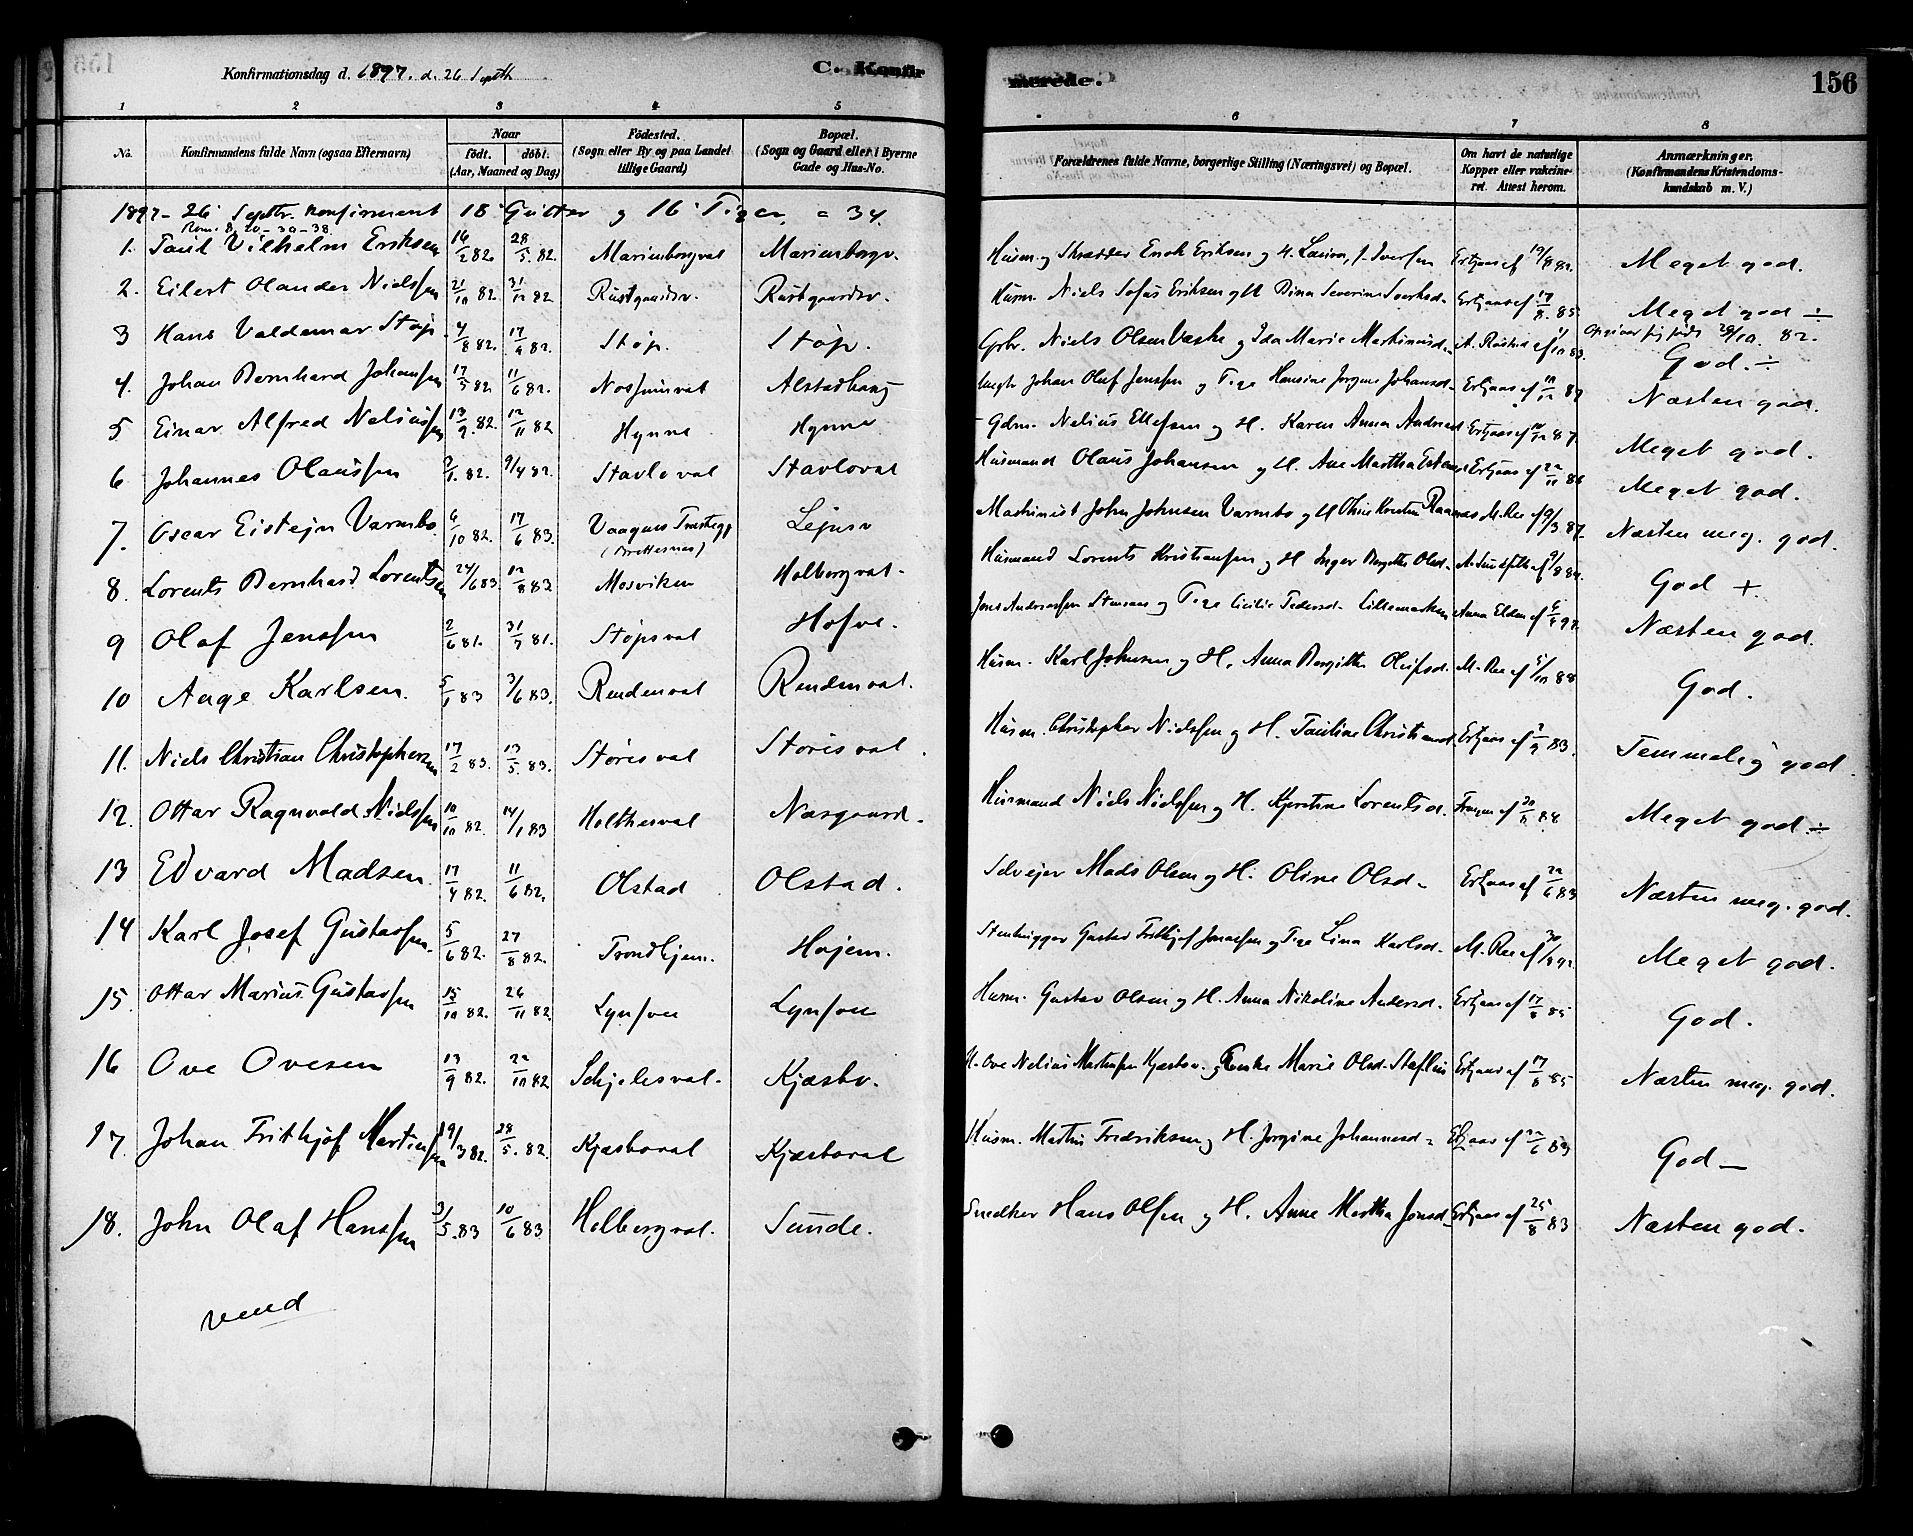 SAT, Ministerialprotokoller, klokkerbøker og fødselsregistre - Nord-Trøndelag, 717/L0159: Ministerialbok nr. 717A09, 1878-1898, s. 156